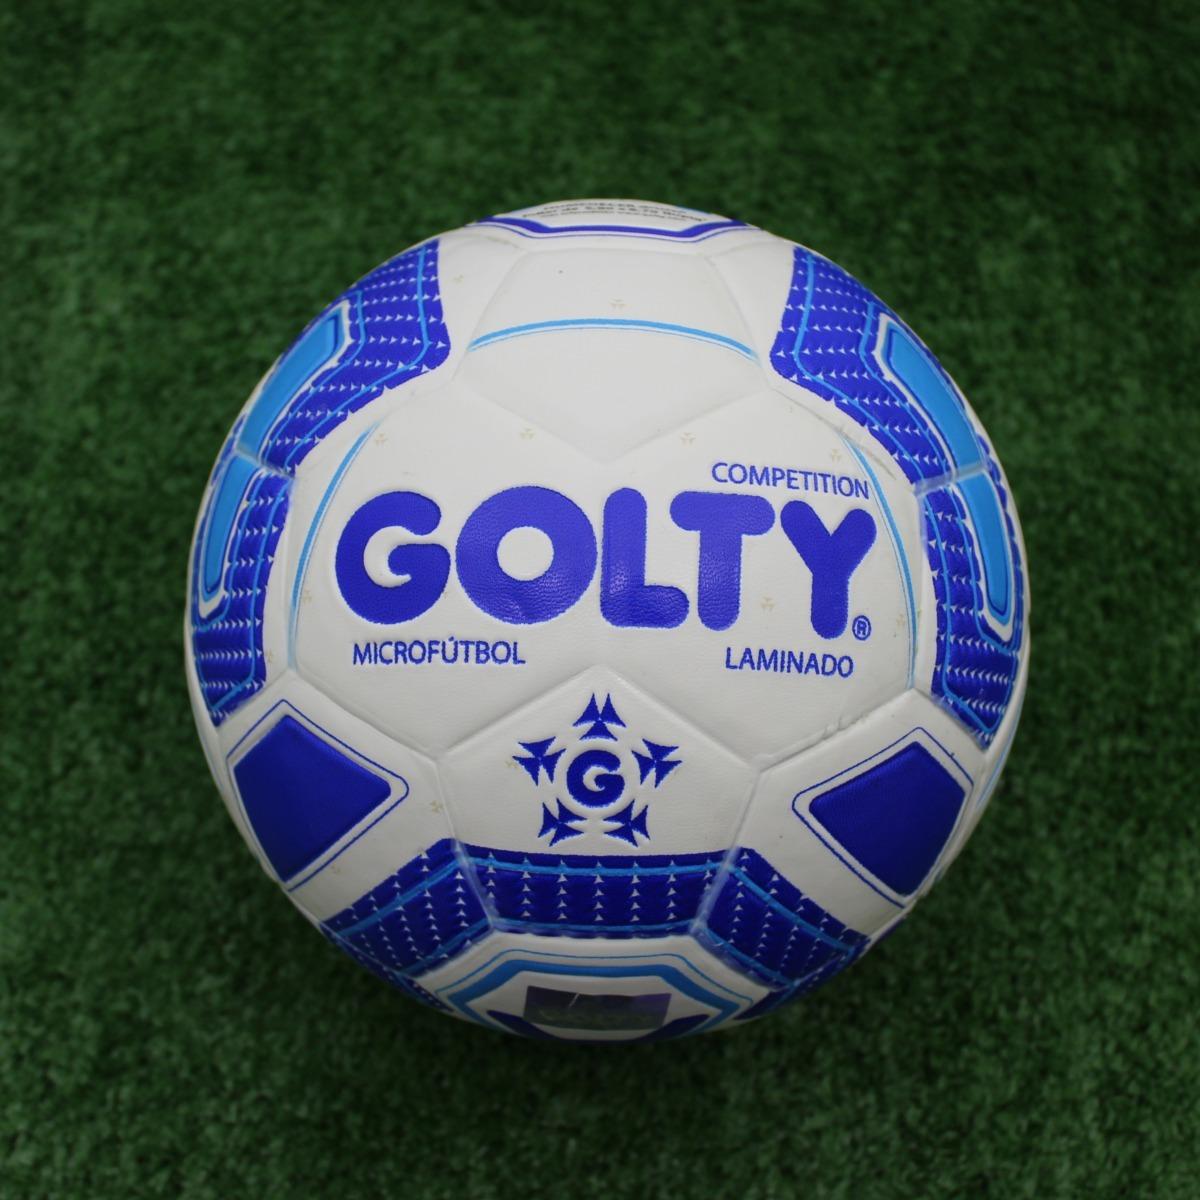 fd7d6535e77f3 Balon De Microfutbol Lamcompet T668653a - Azul -   84.900 en Mercado ...